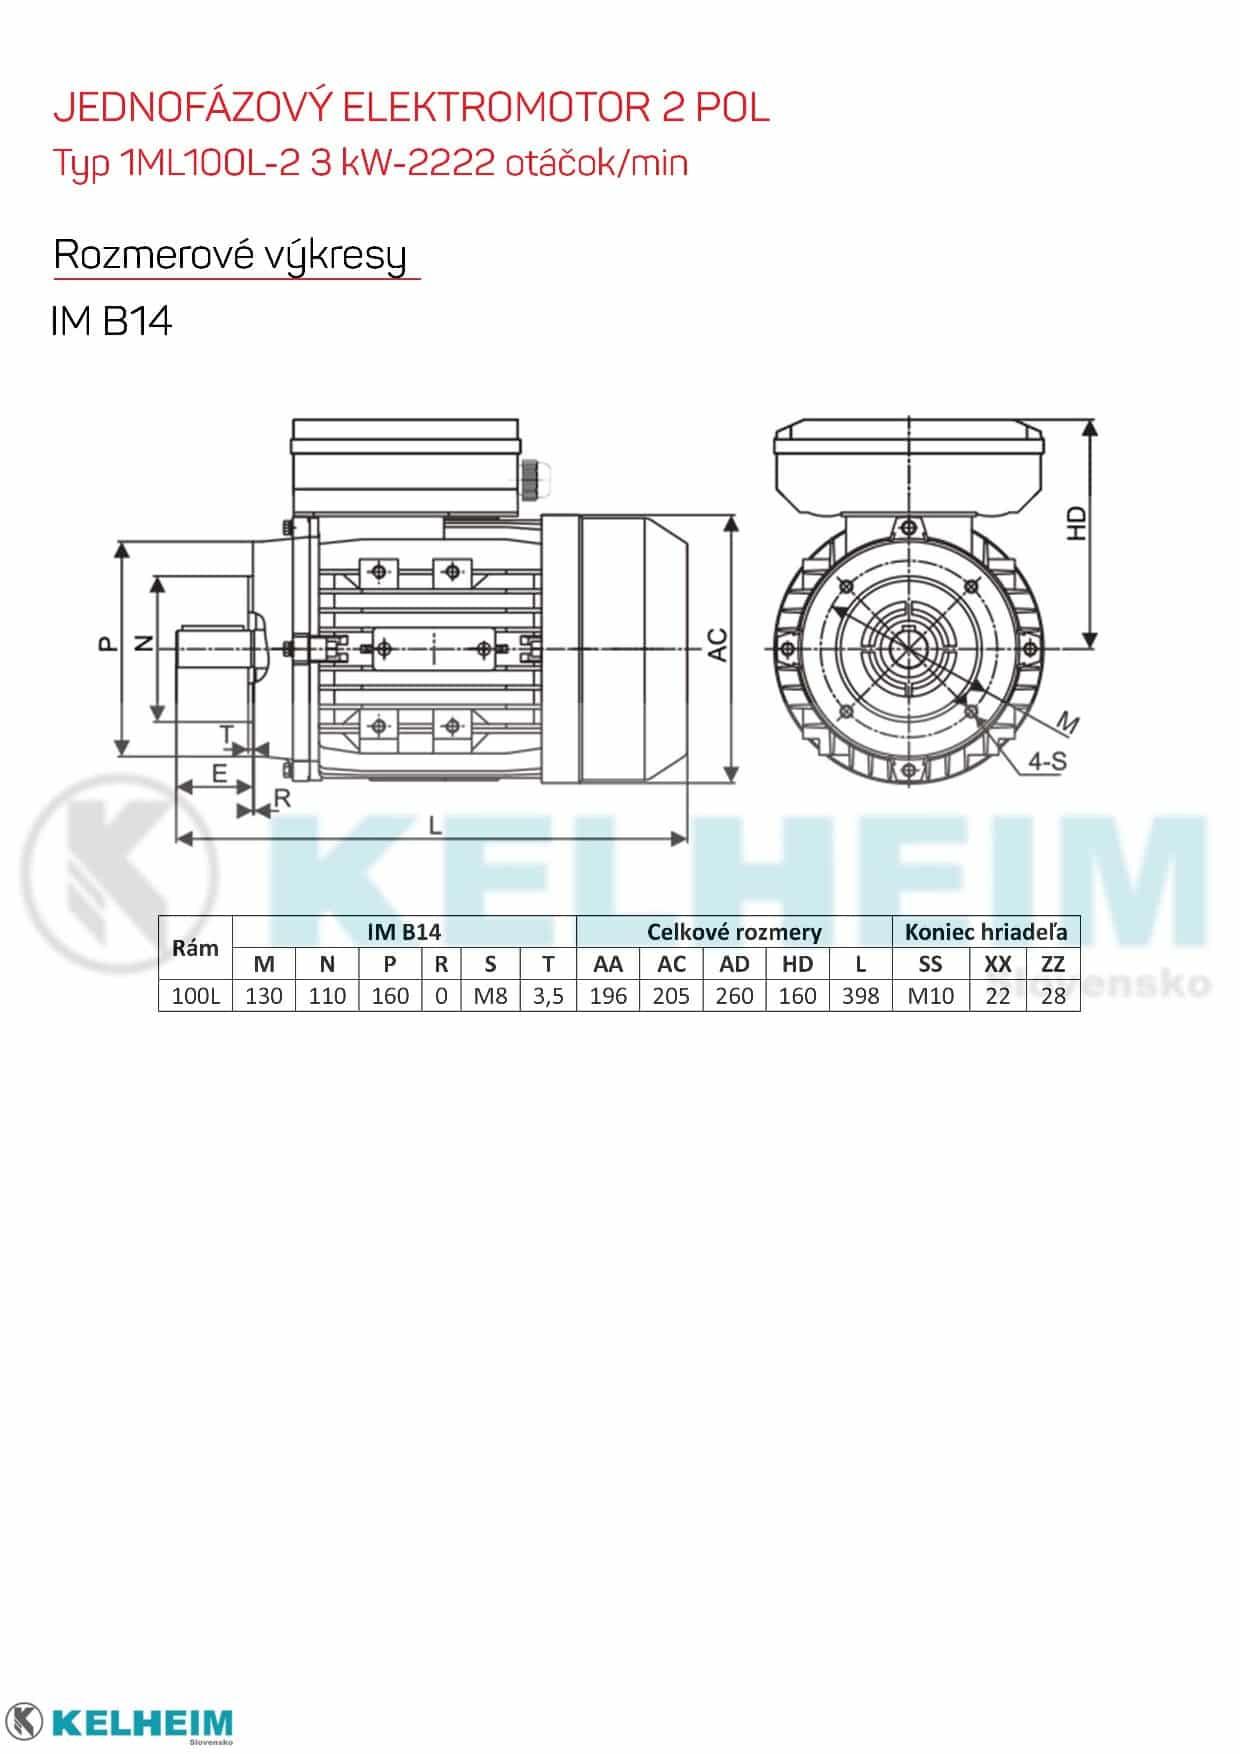 rozmerový výkres - jednofázový elektromotor 3kw ML100L-2